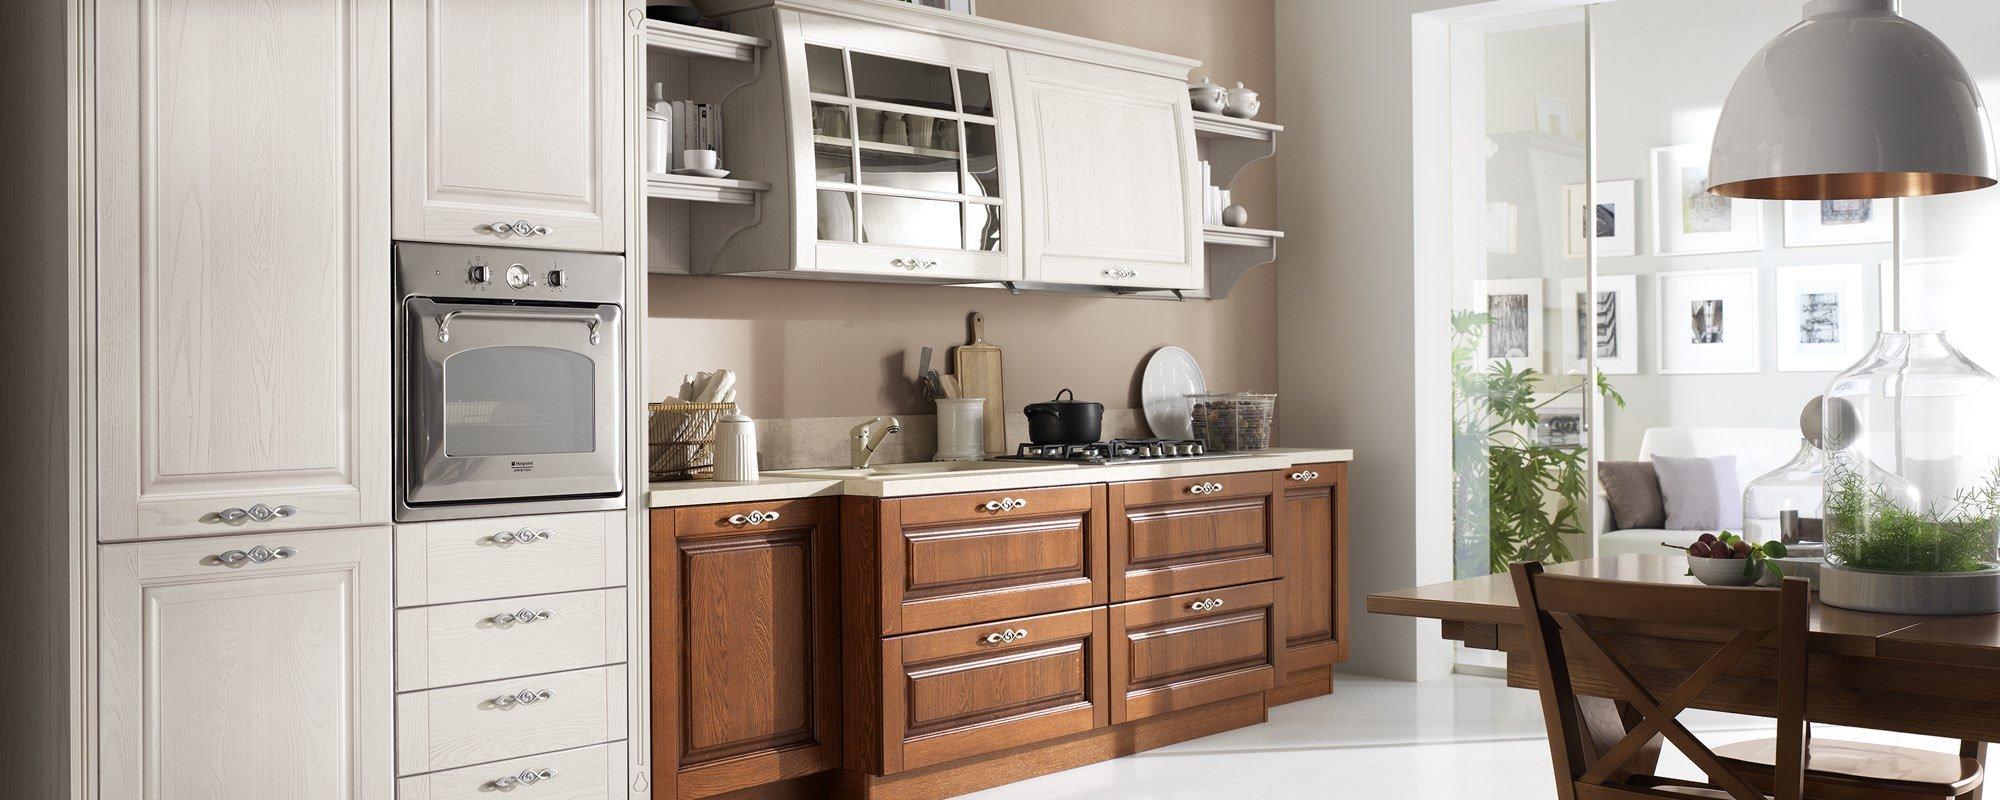 Cucina classica bianca elegant with cucina classica - Arredamento cucina classica ...